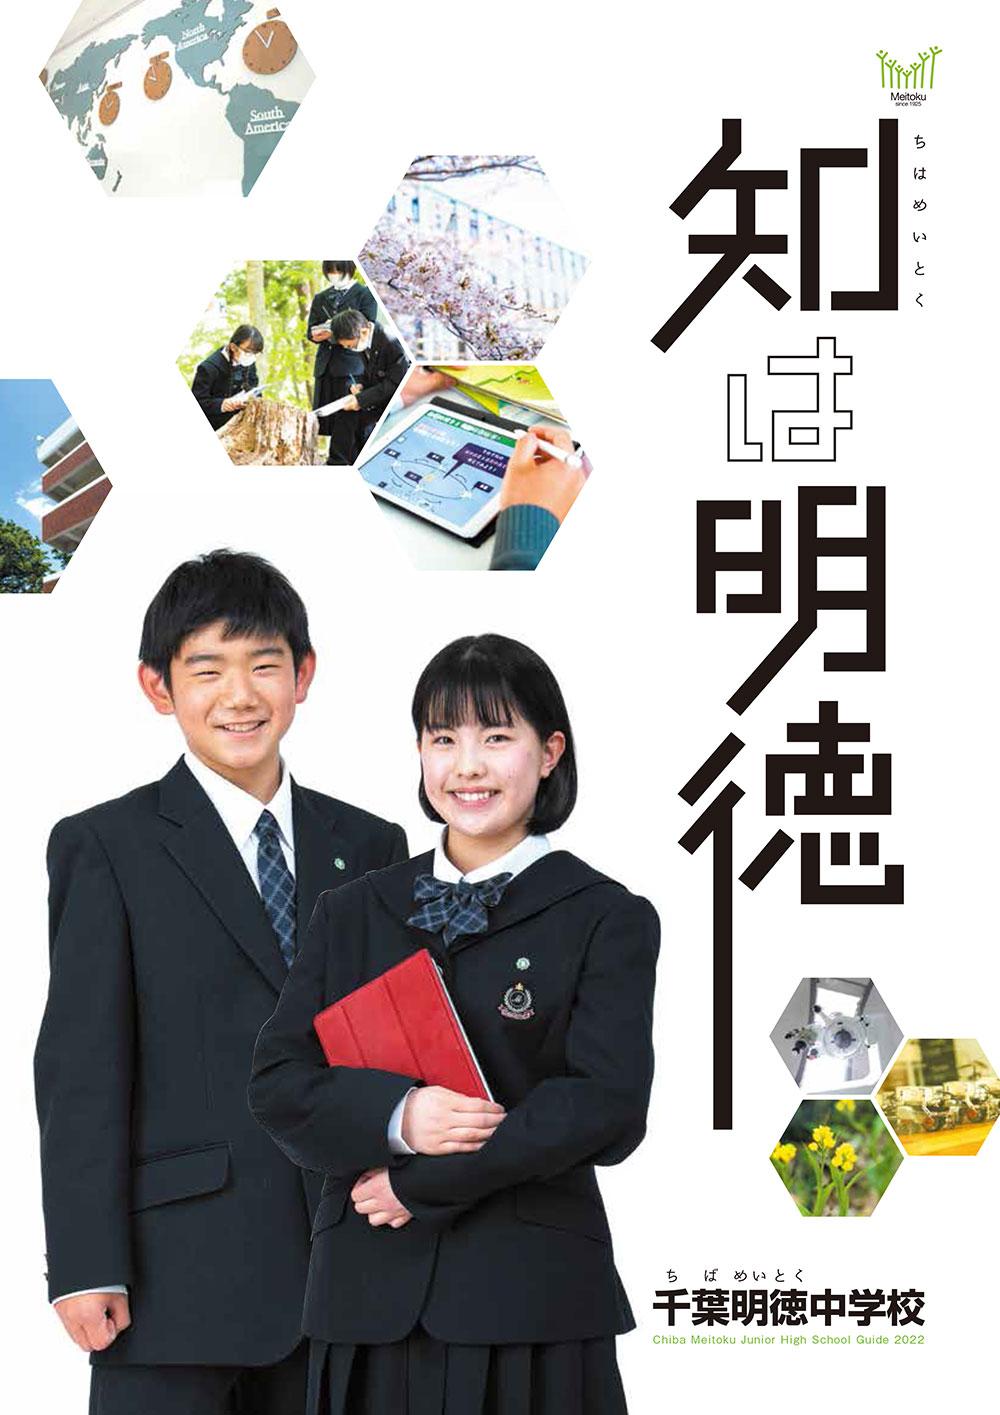 千葉明徳中学